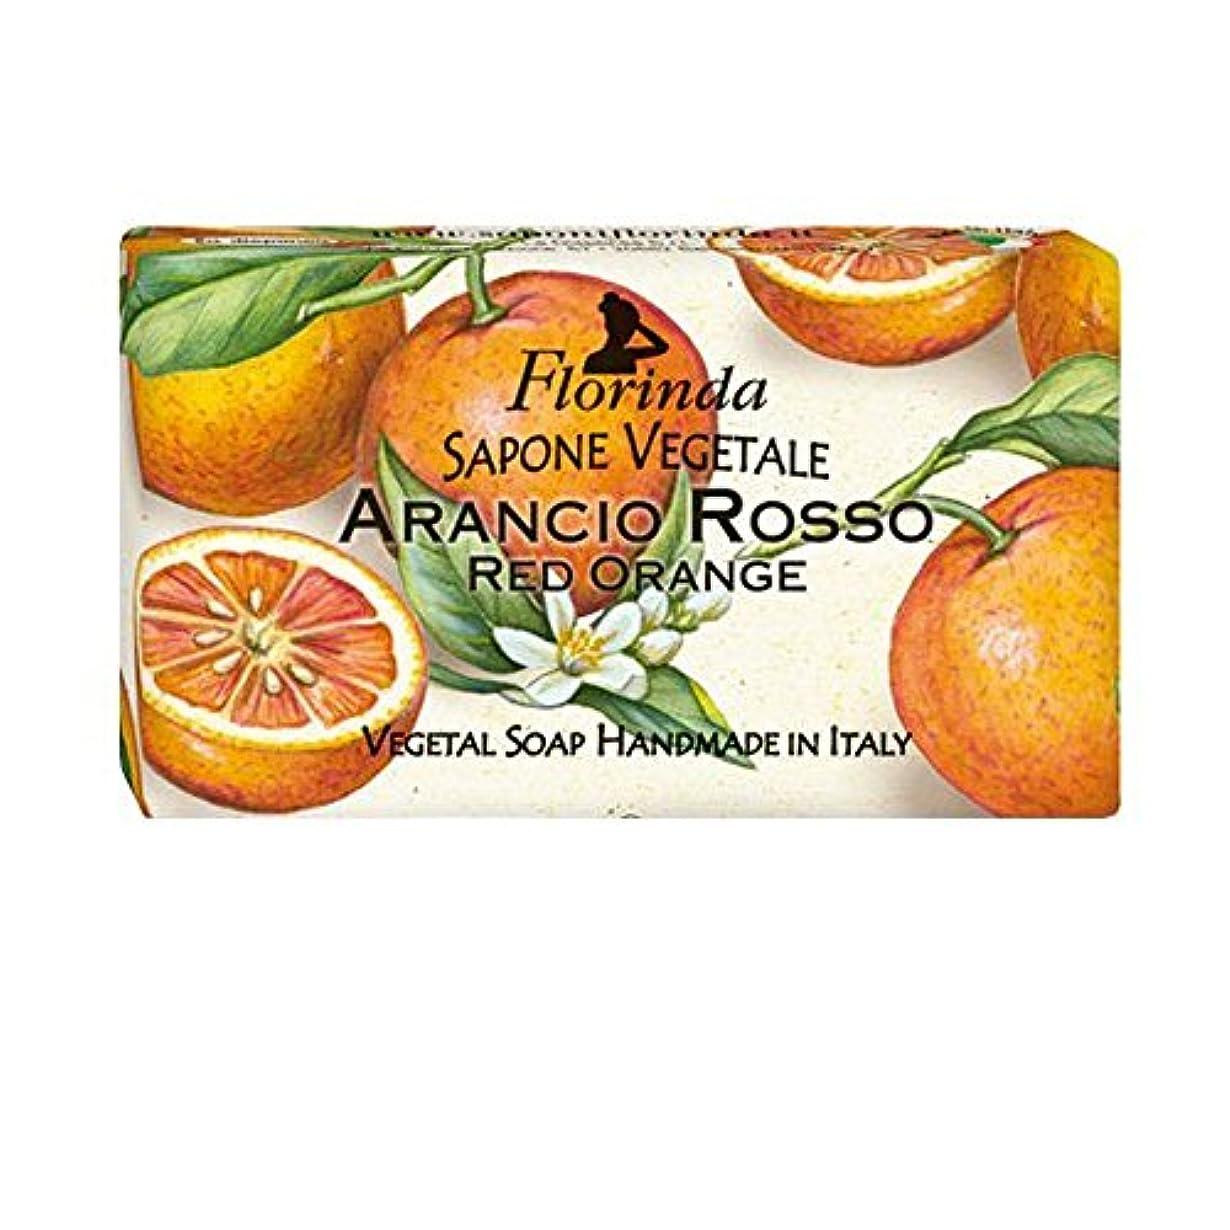 残酷なハード与えるFlorinda フロリンダ フレグランスソープ フルーツ レッドオレンジ 100g [並行輸入品]